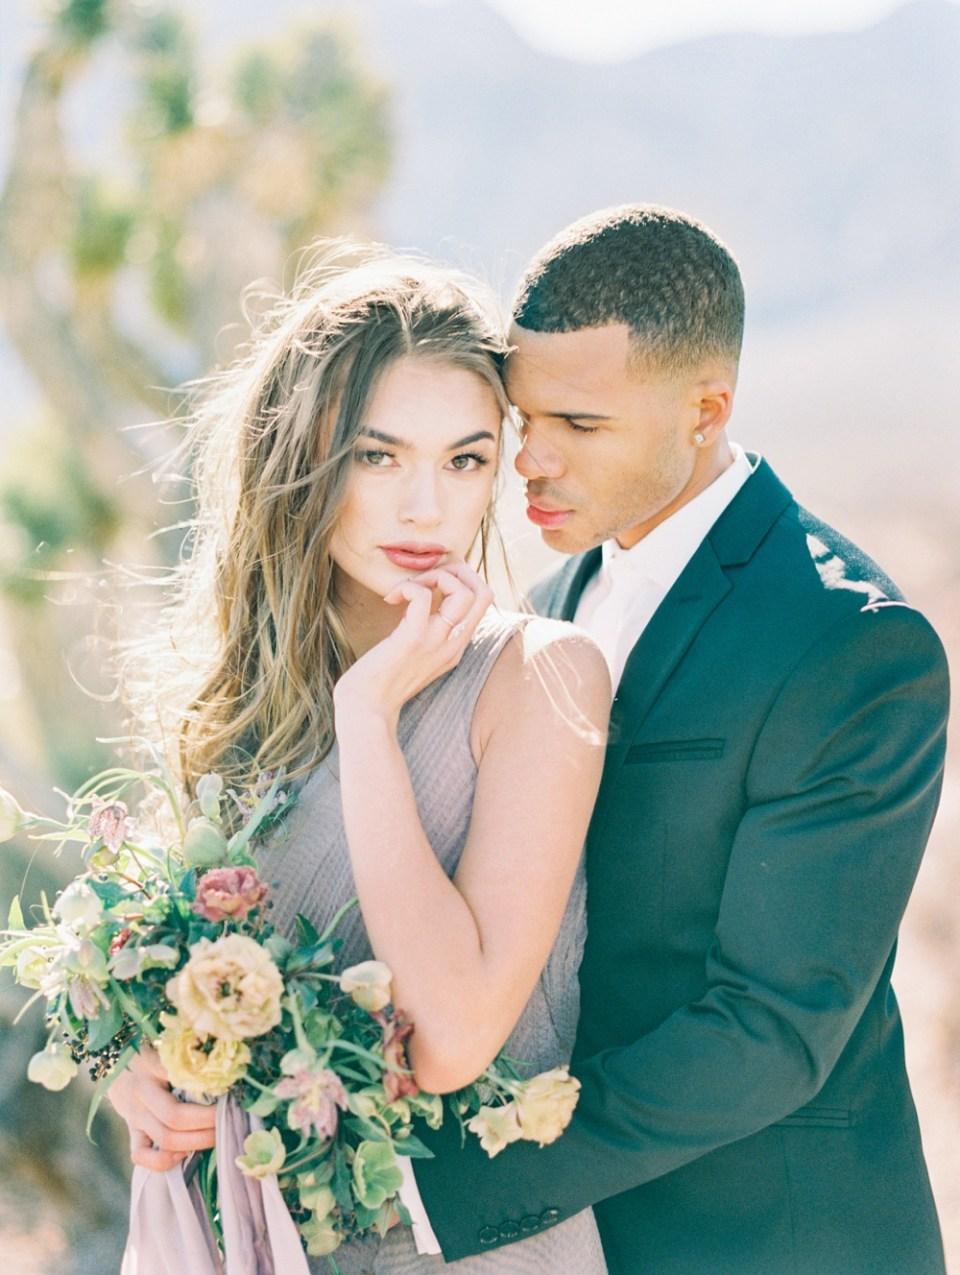 happy couple wedding photoshoot